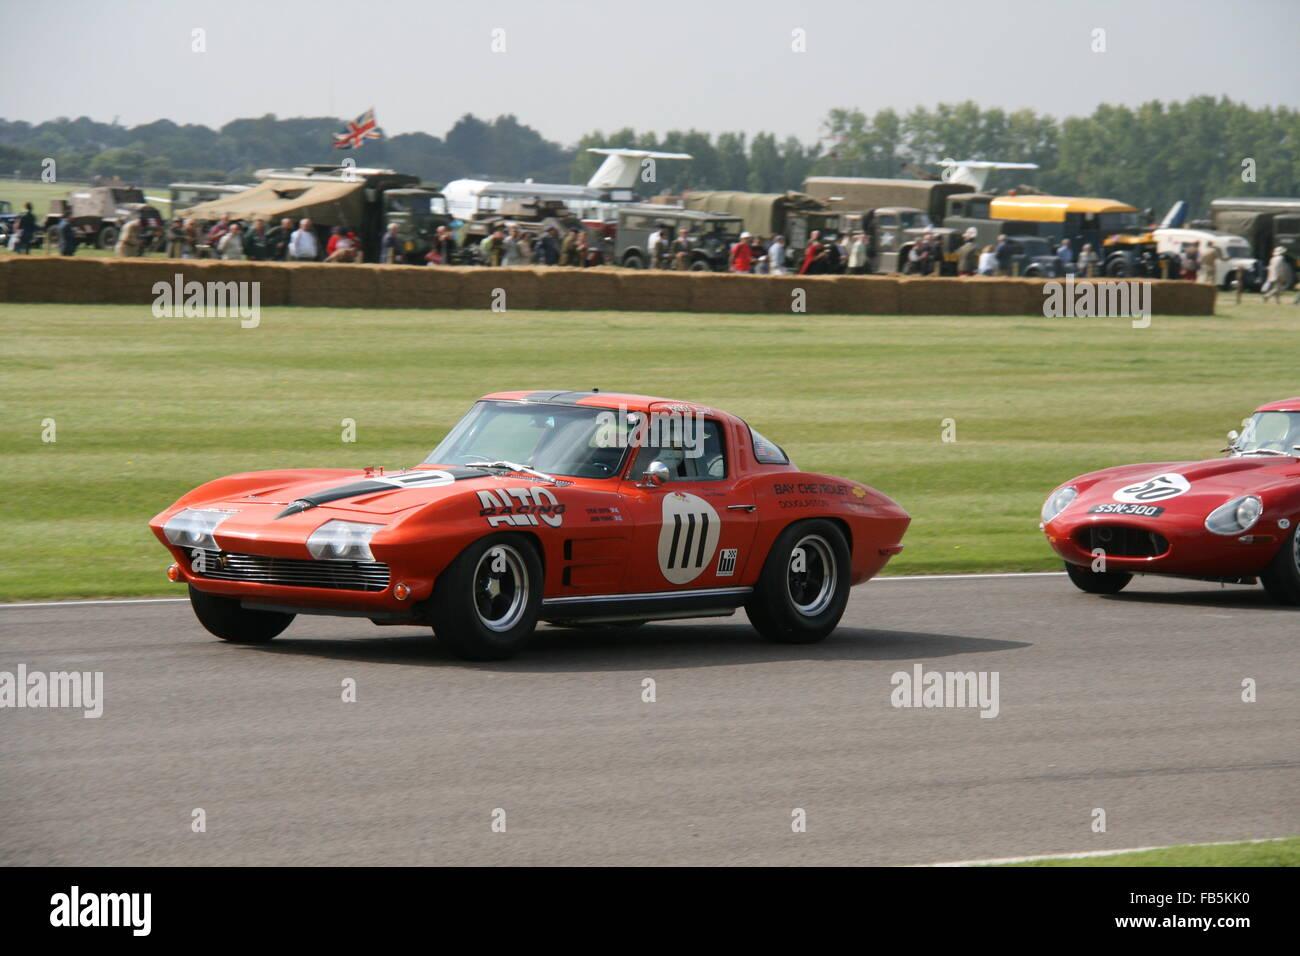 Deux voitures de course classique rouge à Goodwood Revival EN UK Banque D'Images